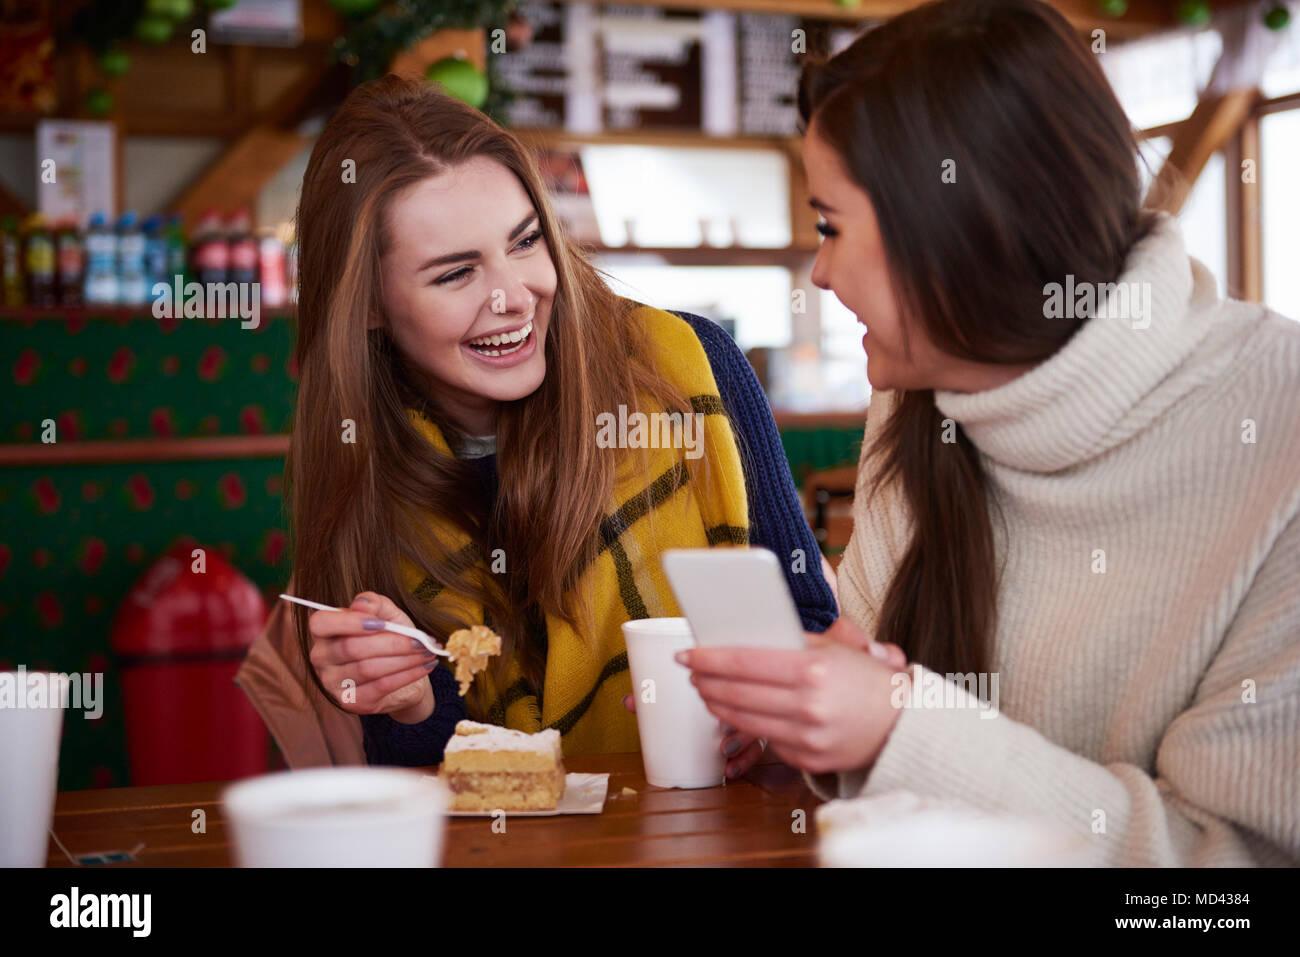 Junge Frauen lächelnd über SMS auf Handy Stockbild